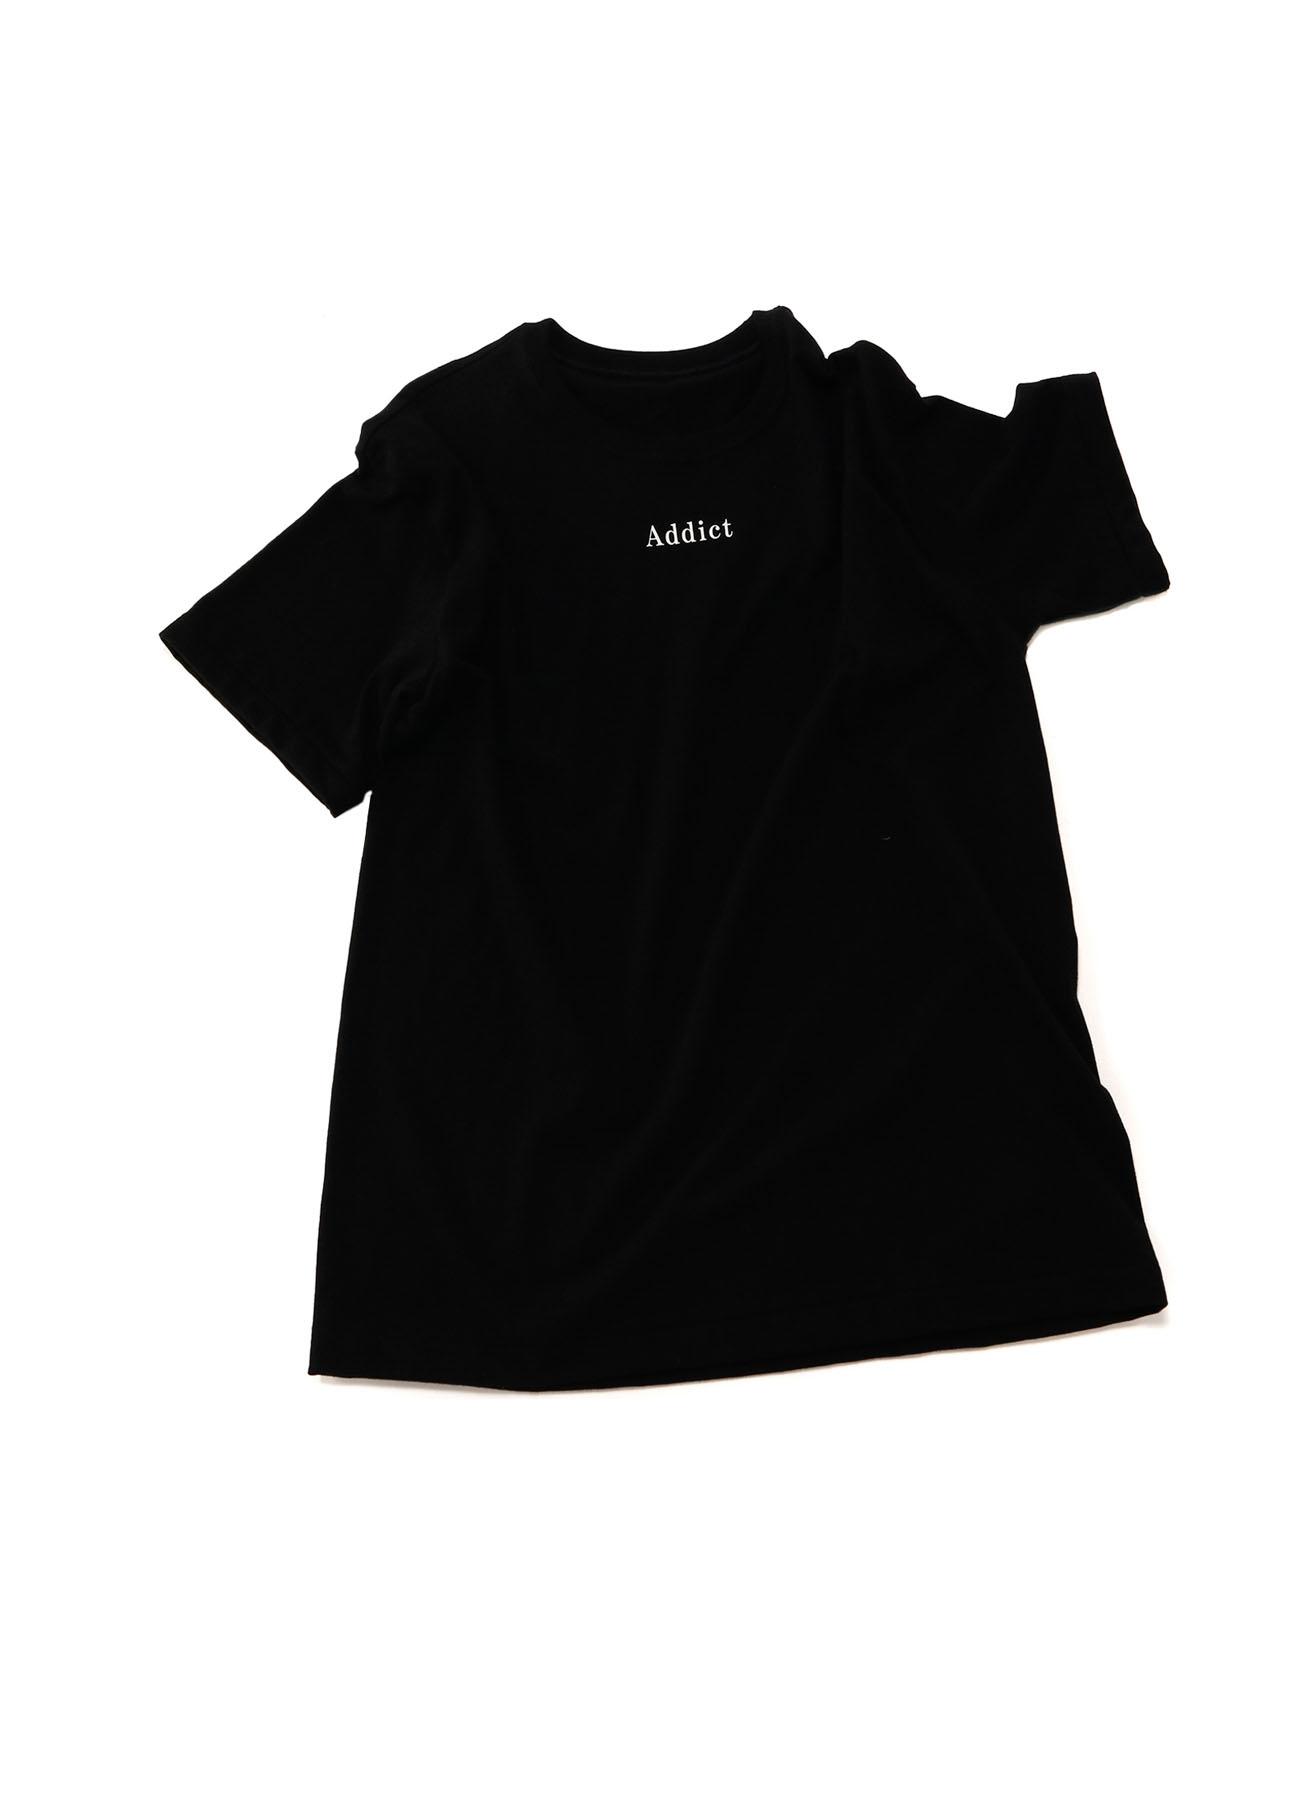 [THE SHOP Limited Product] 20/-Plain Stitch LIMI FEU Print T-Shirt D